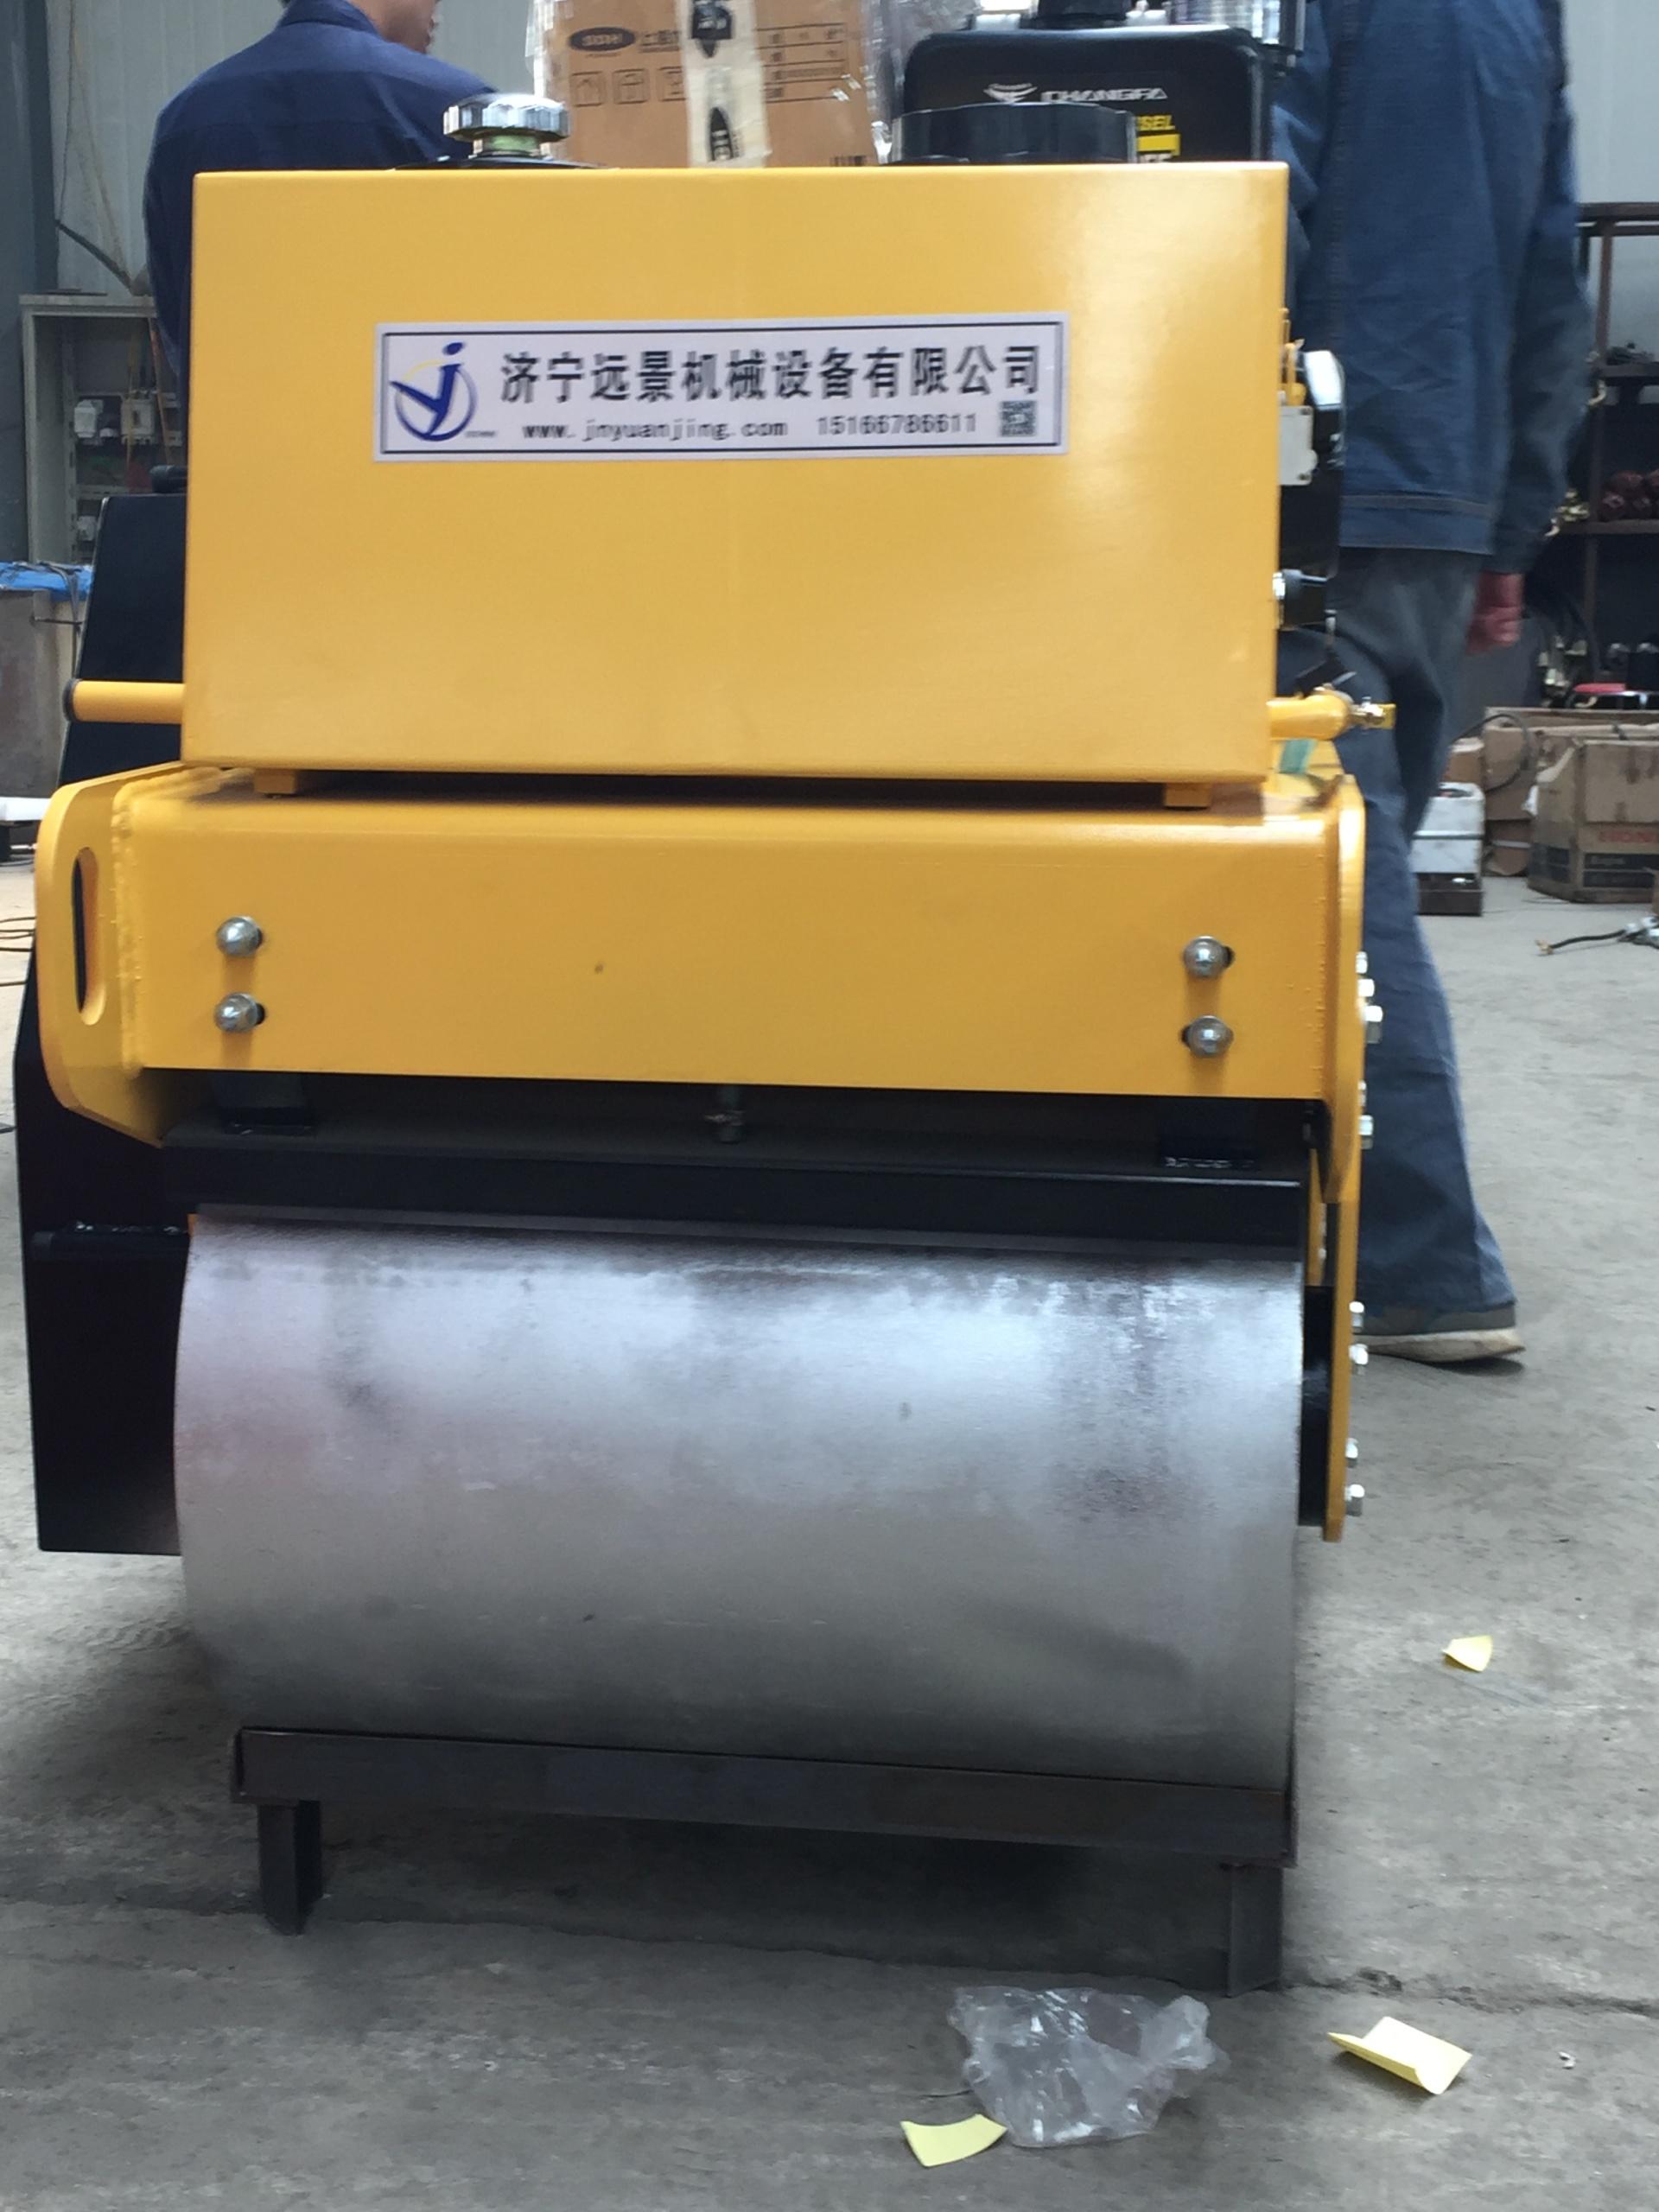 远景机械热销重型单轮压路机 加重款YJ730柴油压路机 手扶式压路机 小型压路机示例图12